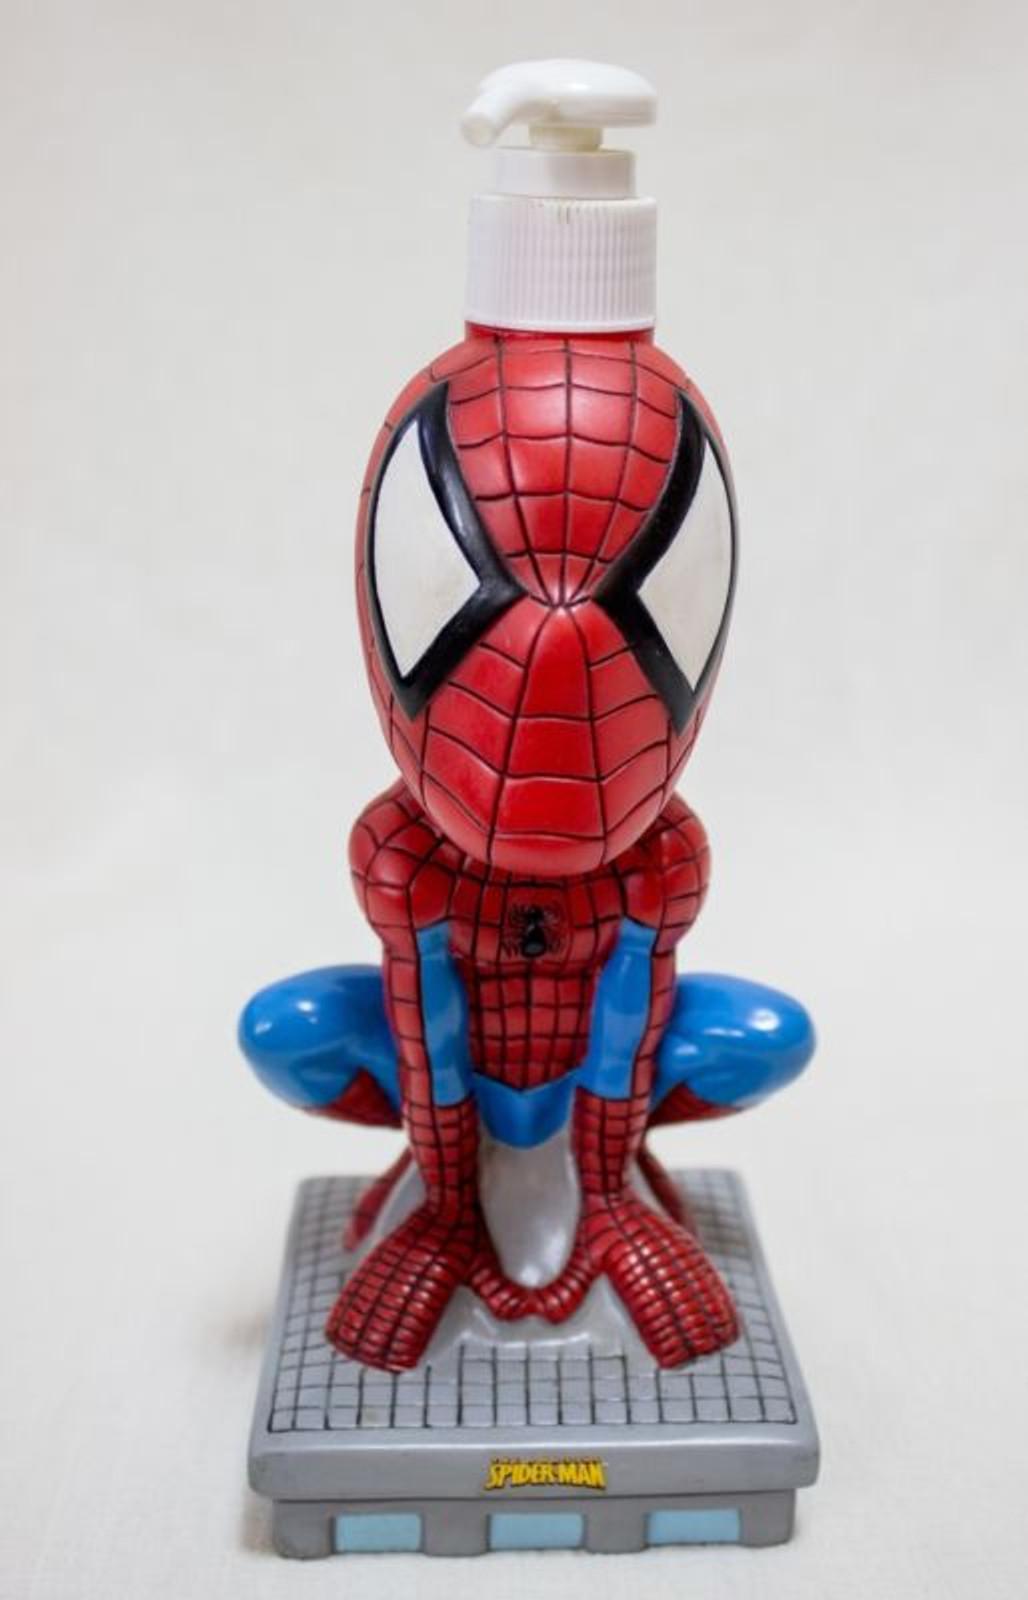 Spiderman Hand Soap Bottle Marvel